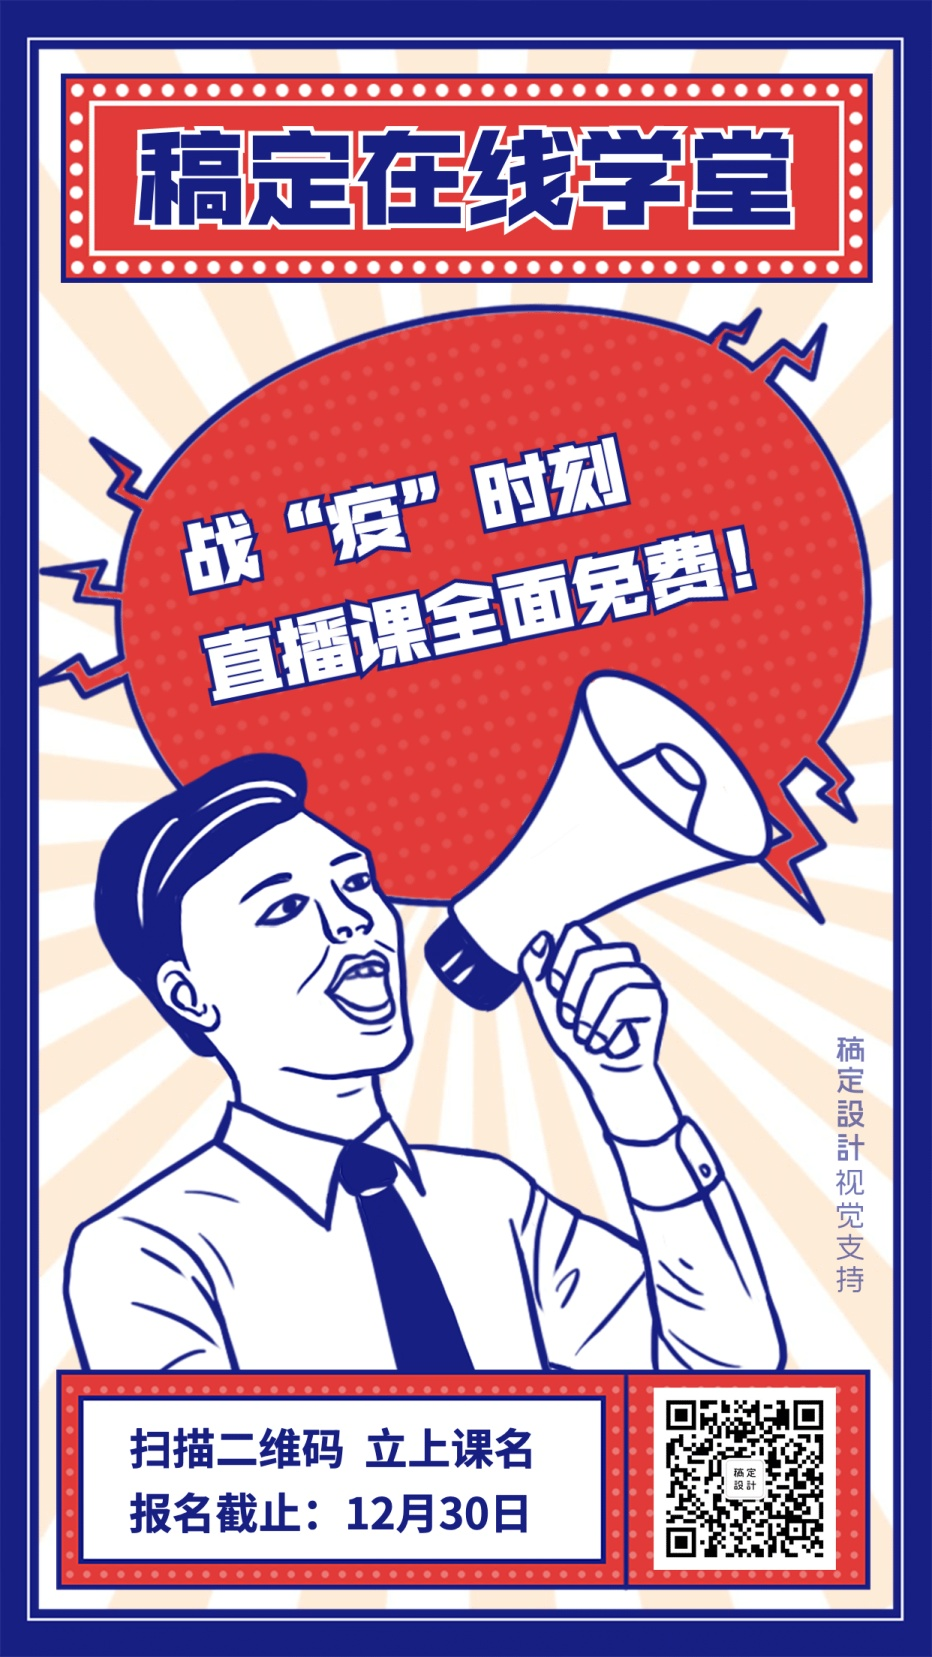 办学开课直播课程免费宣传手机海报